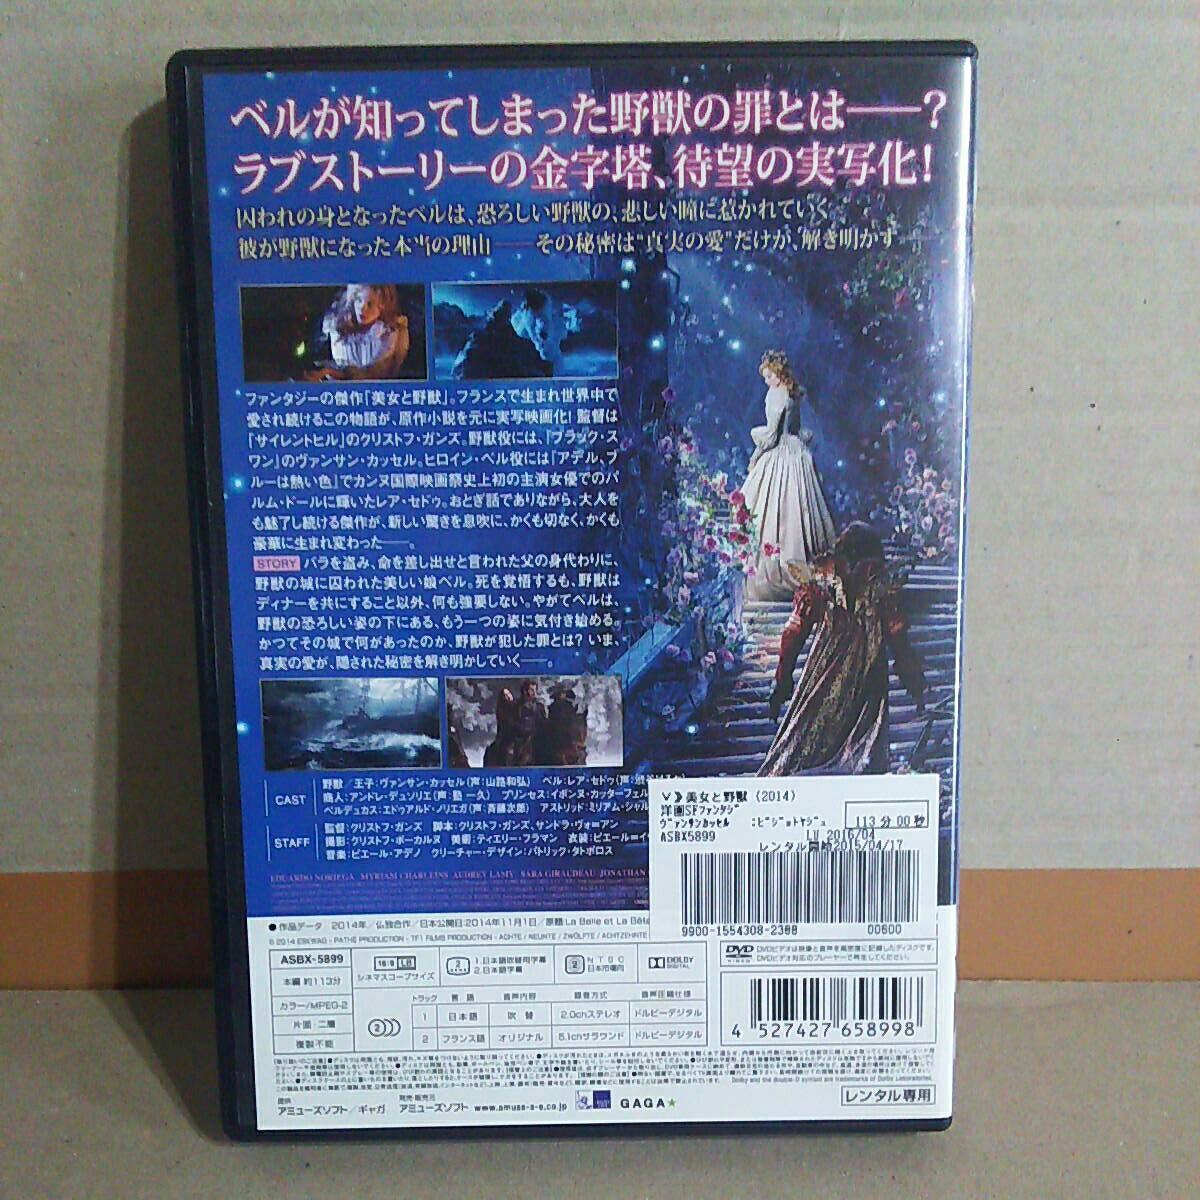 【送料無料】美女と野獣 ヴァンサン・カッセル レア・セドゥ 野獣の秘密、ベルのあやまち。レンタルアップ品 中古 DVD 2014年_画像2